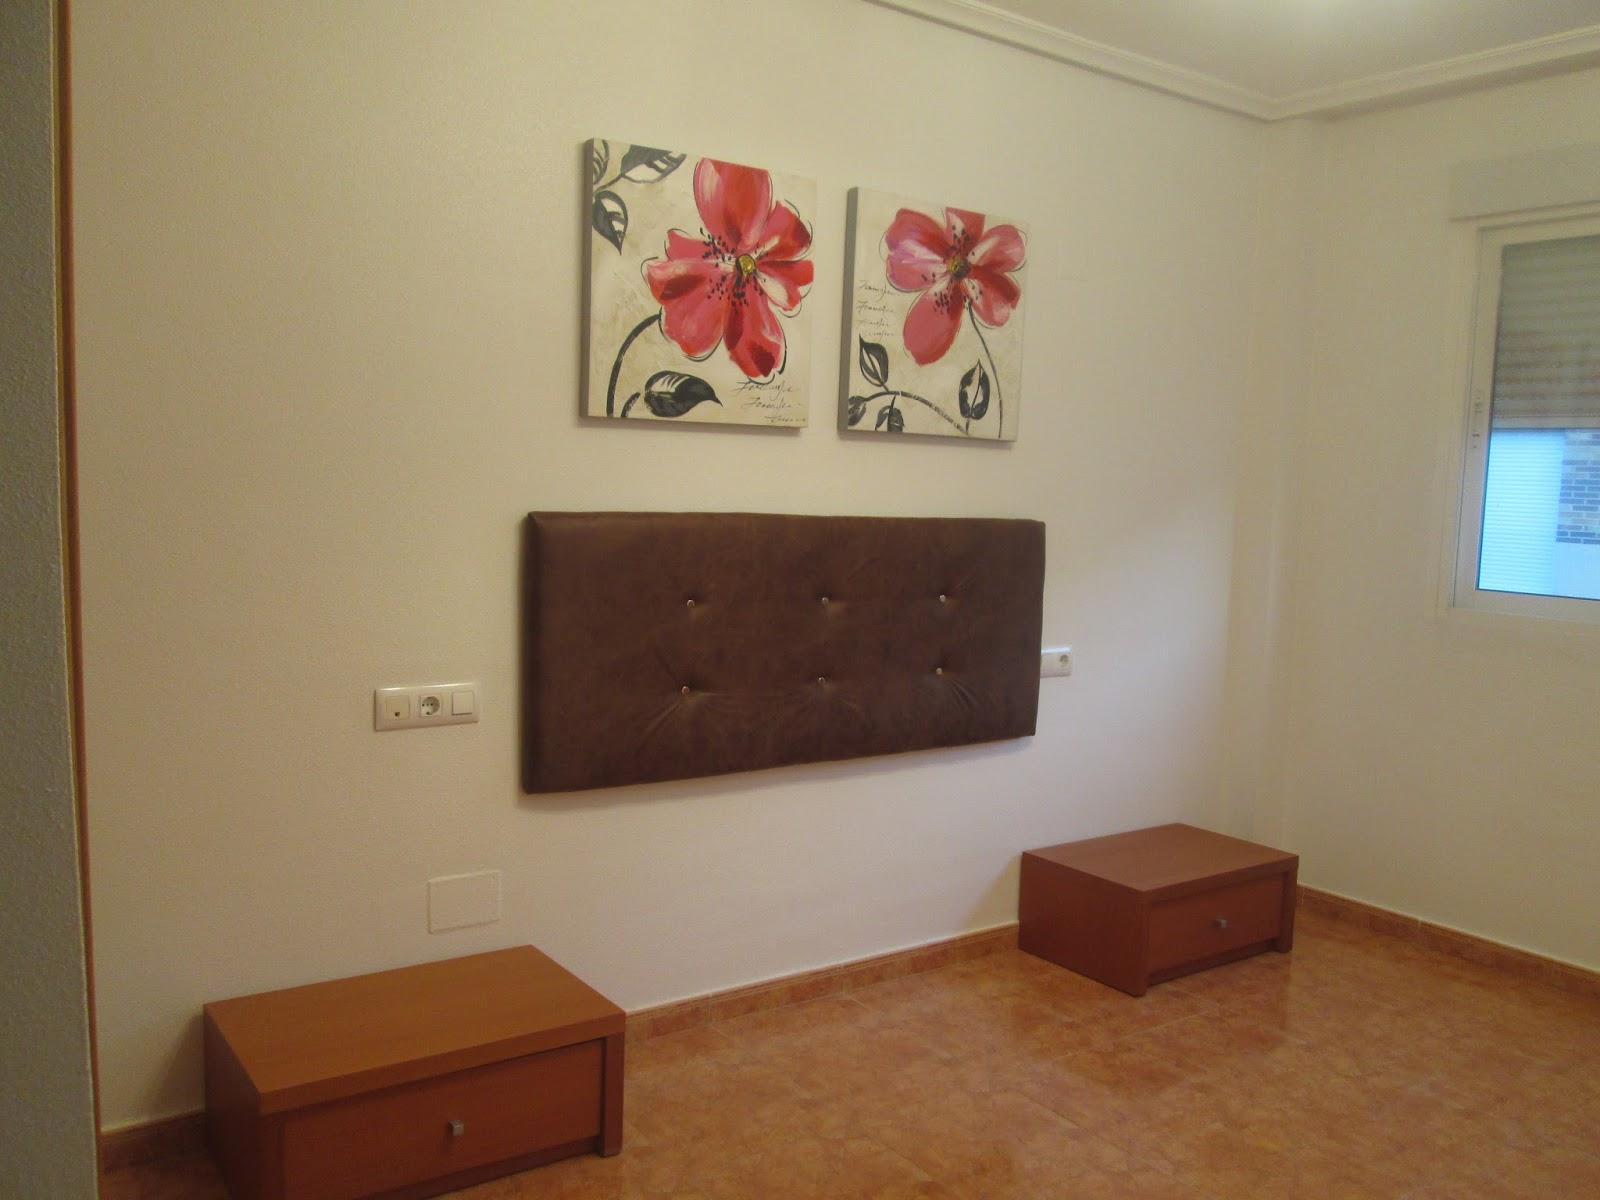 Muebles arcecoll piso completo 3500 - Muebles piso completo ...